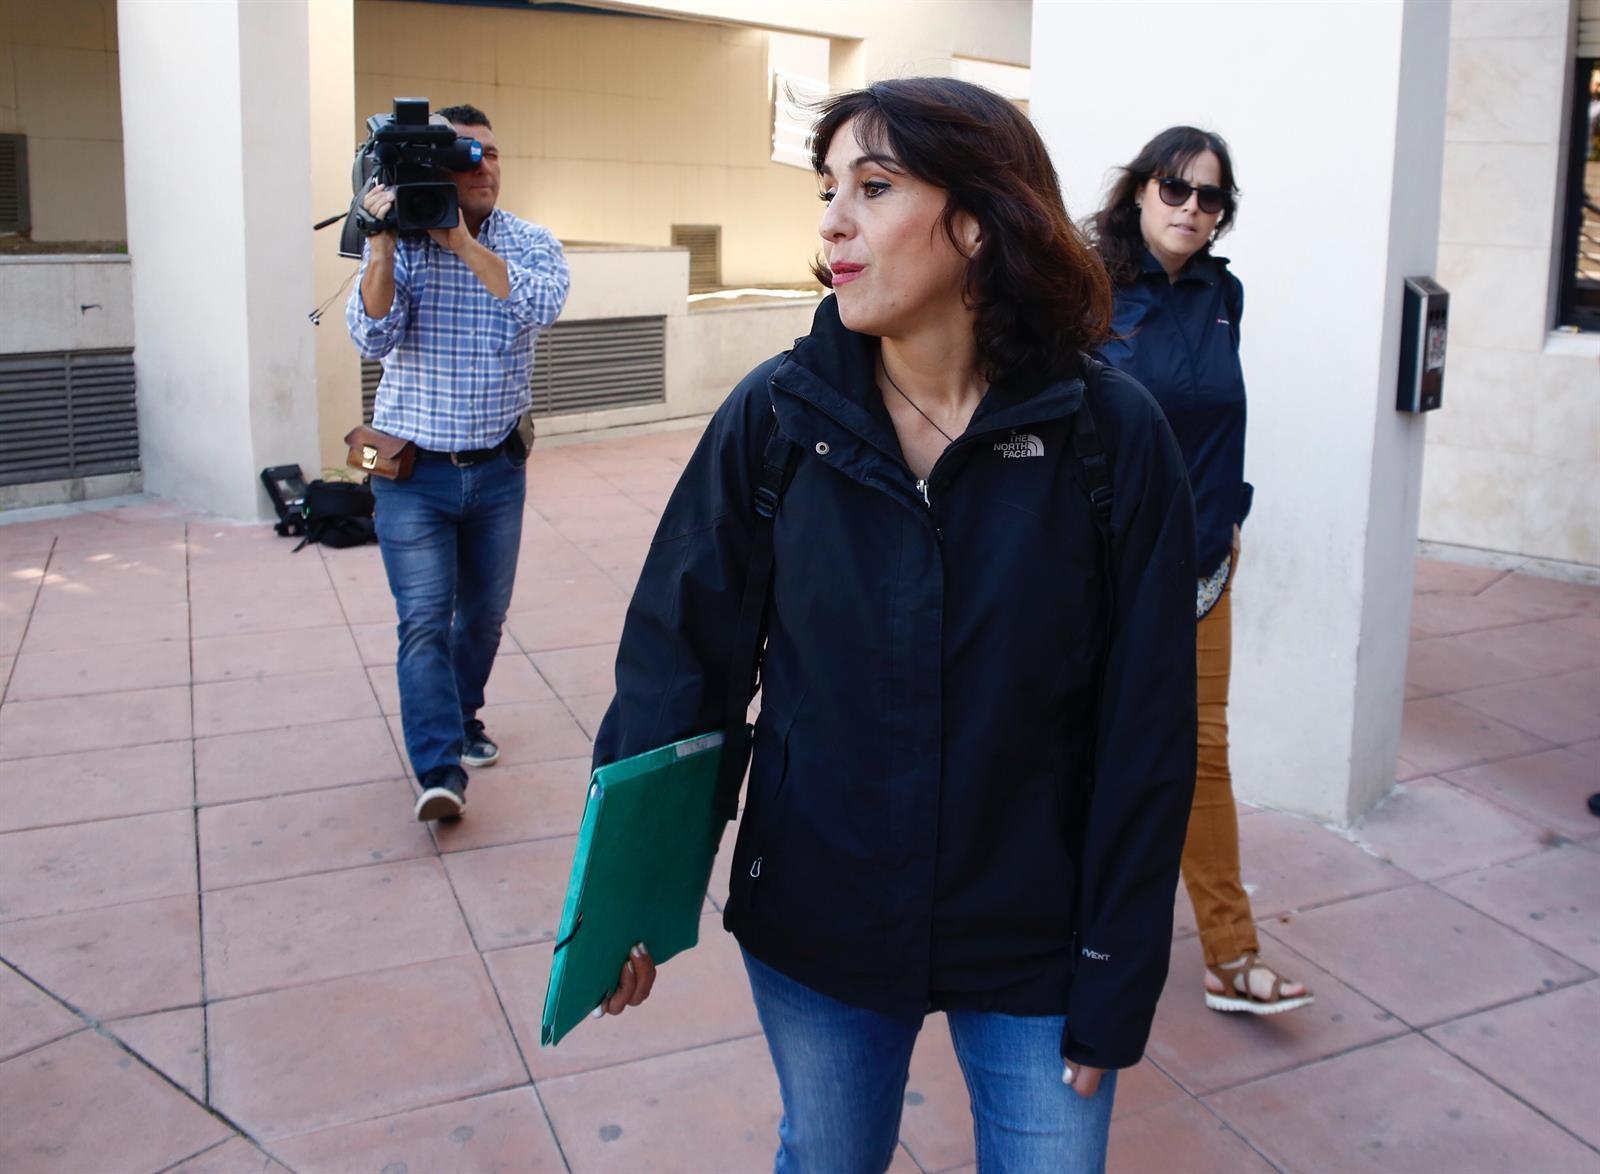 El abogado de Rivas asegura que harán «todo lo posible por conseguir protección para los niños»